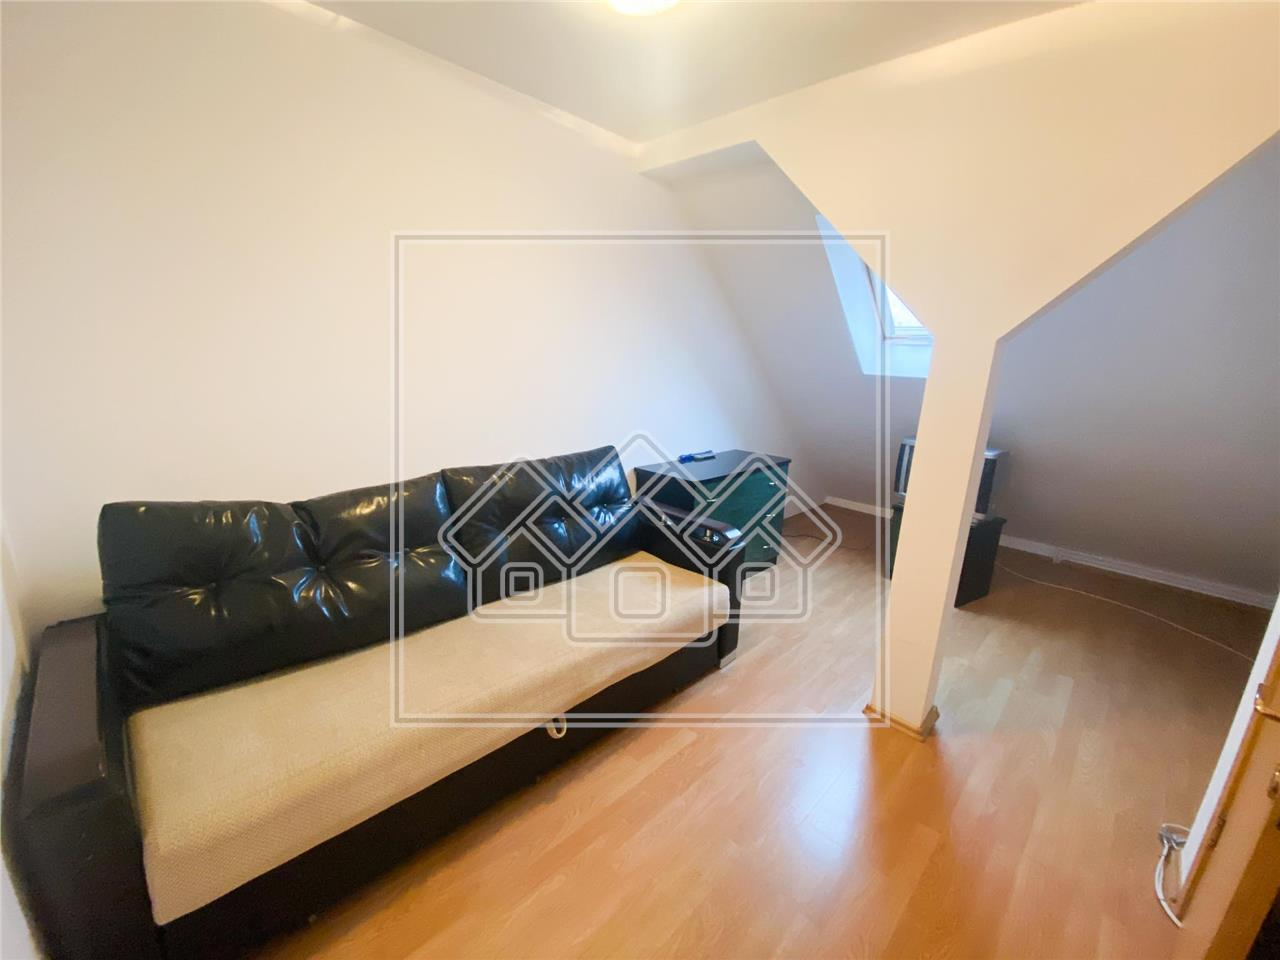 Apartament de inchiriat in Sibiu-3 camere cu balcon-Vasile Aron